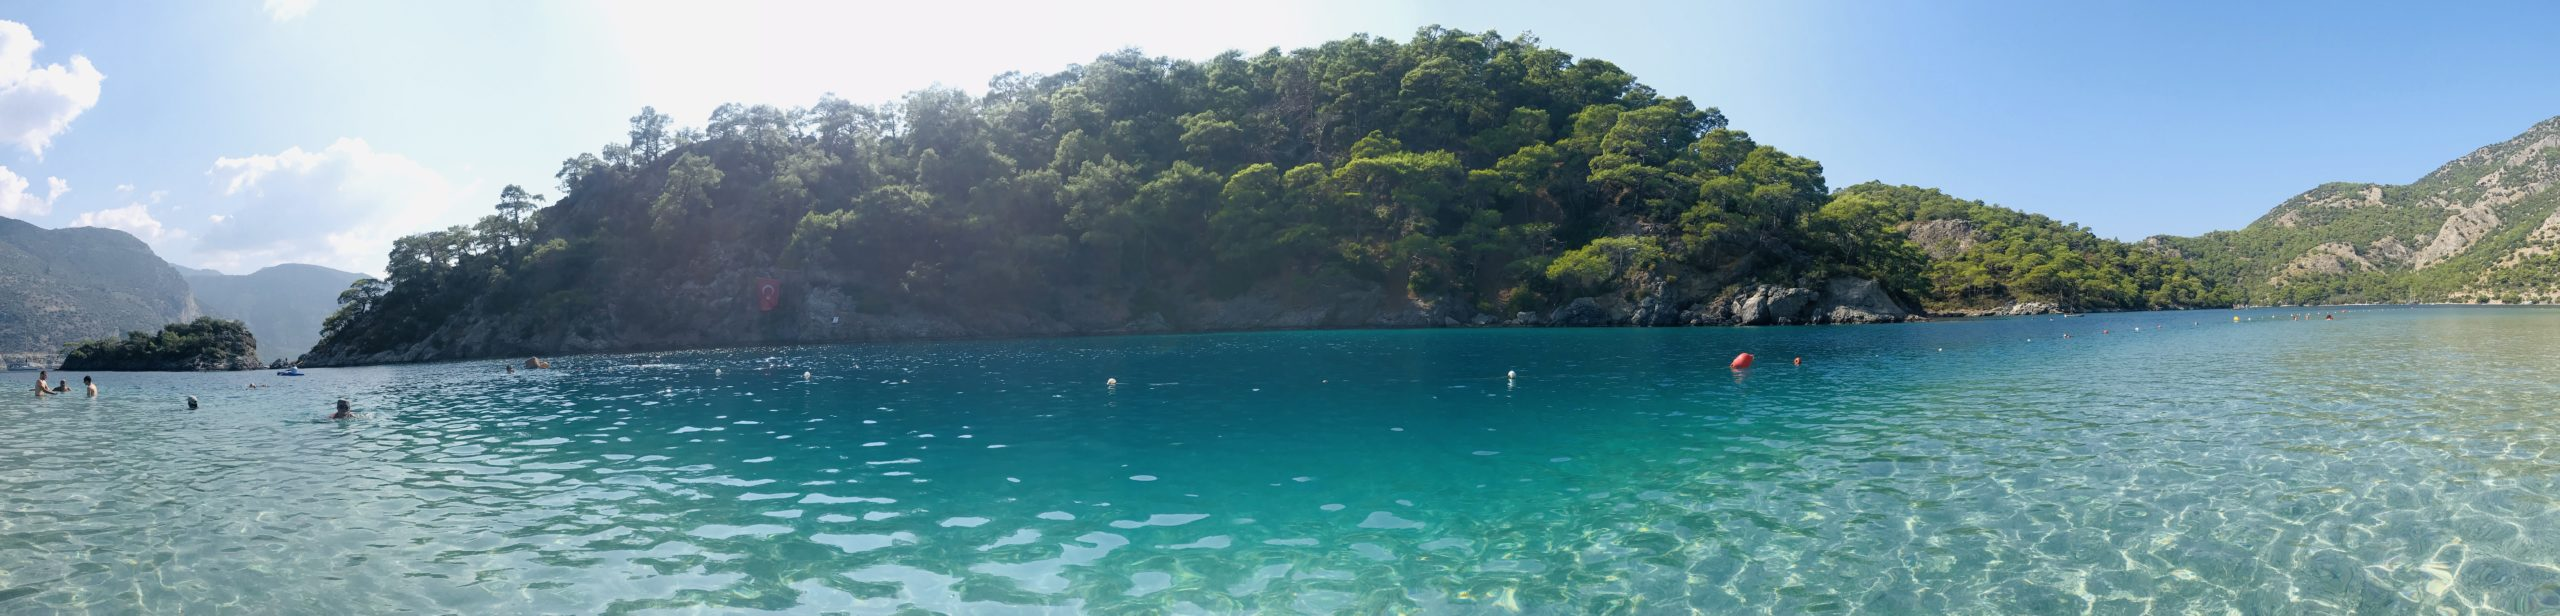 lolanoviajasola costa turca